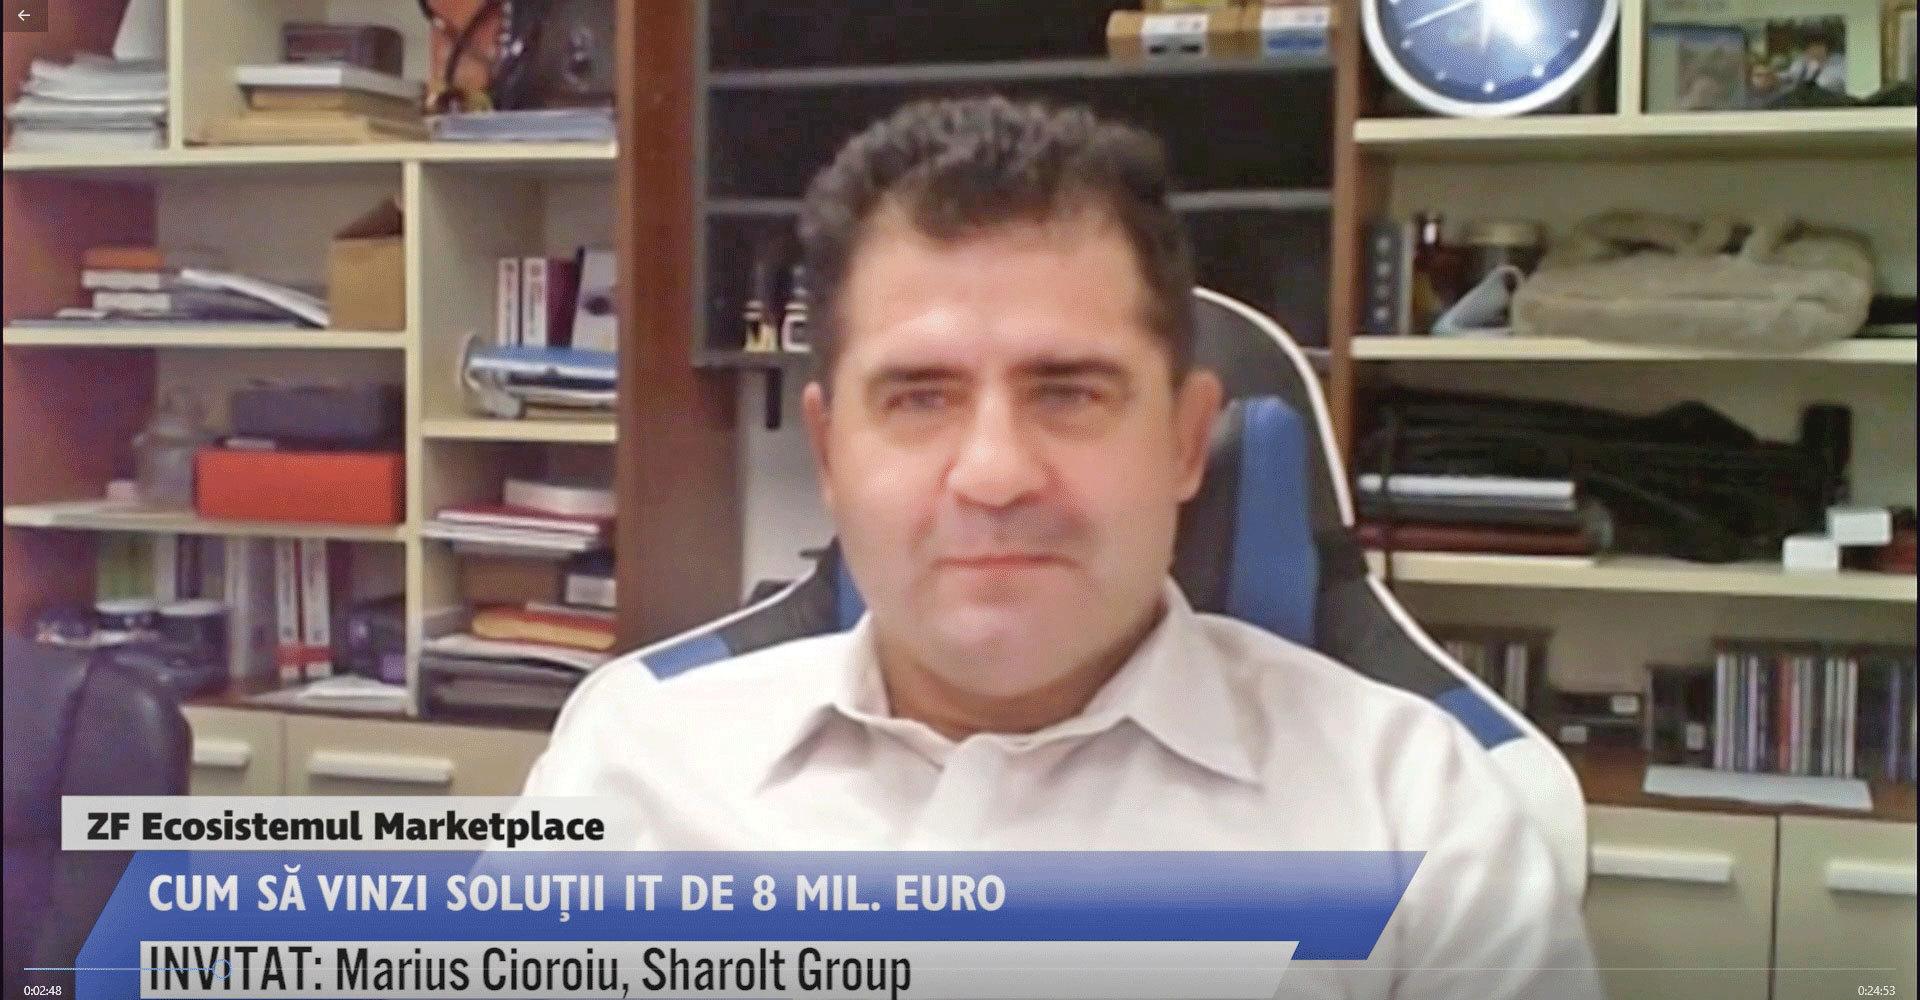 Cum reuşeşte un business românesc început în 1992 să vândă de milioane de euro în online